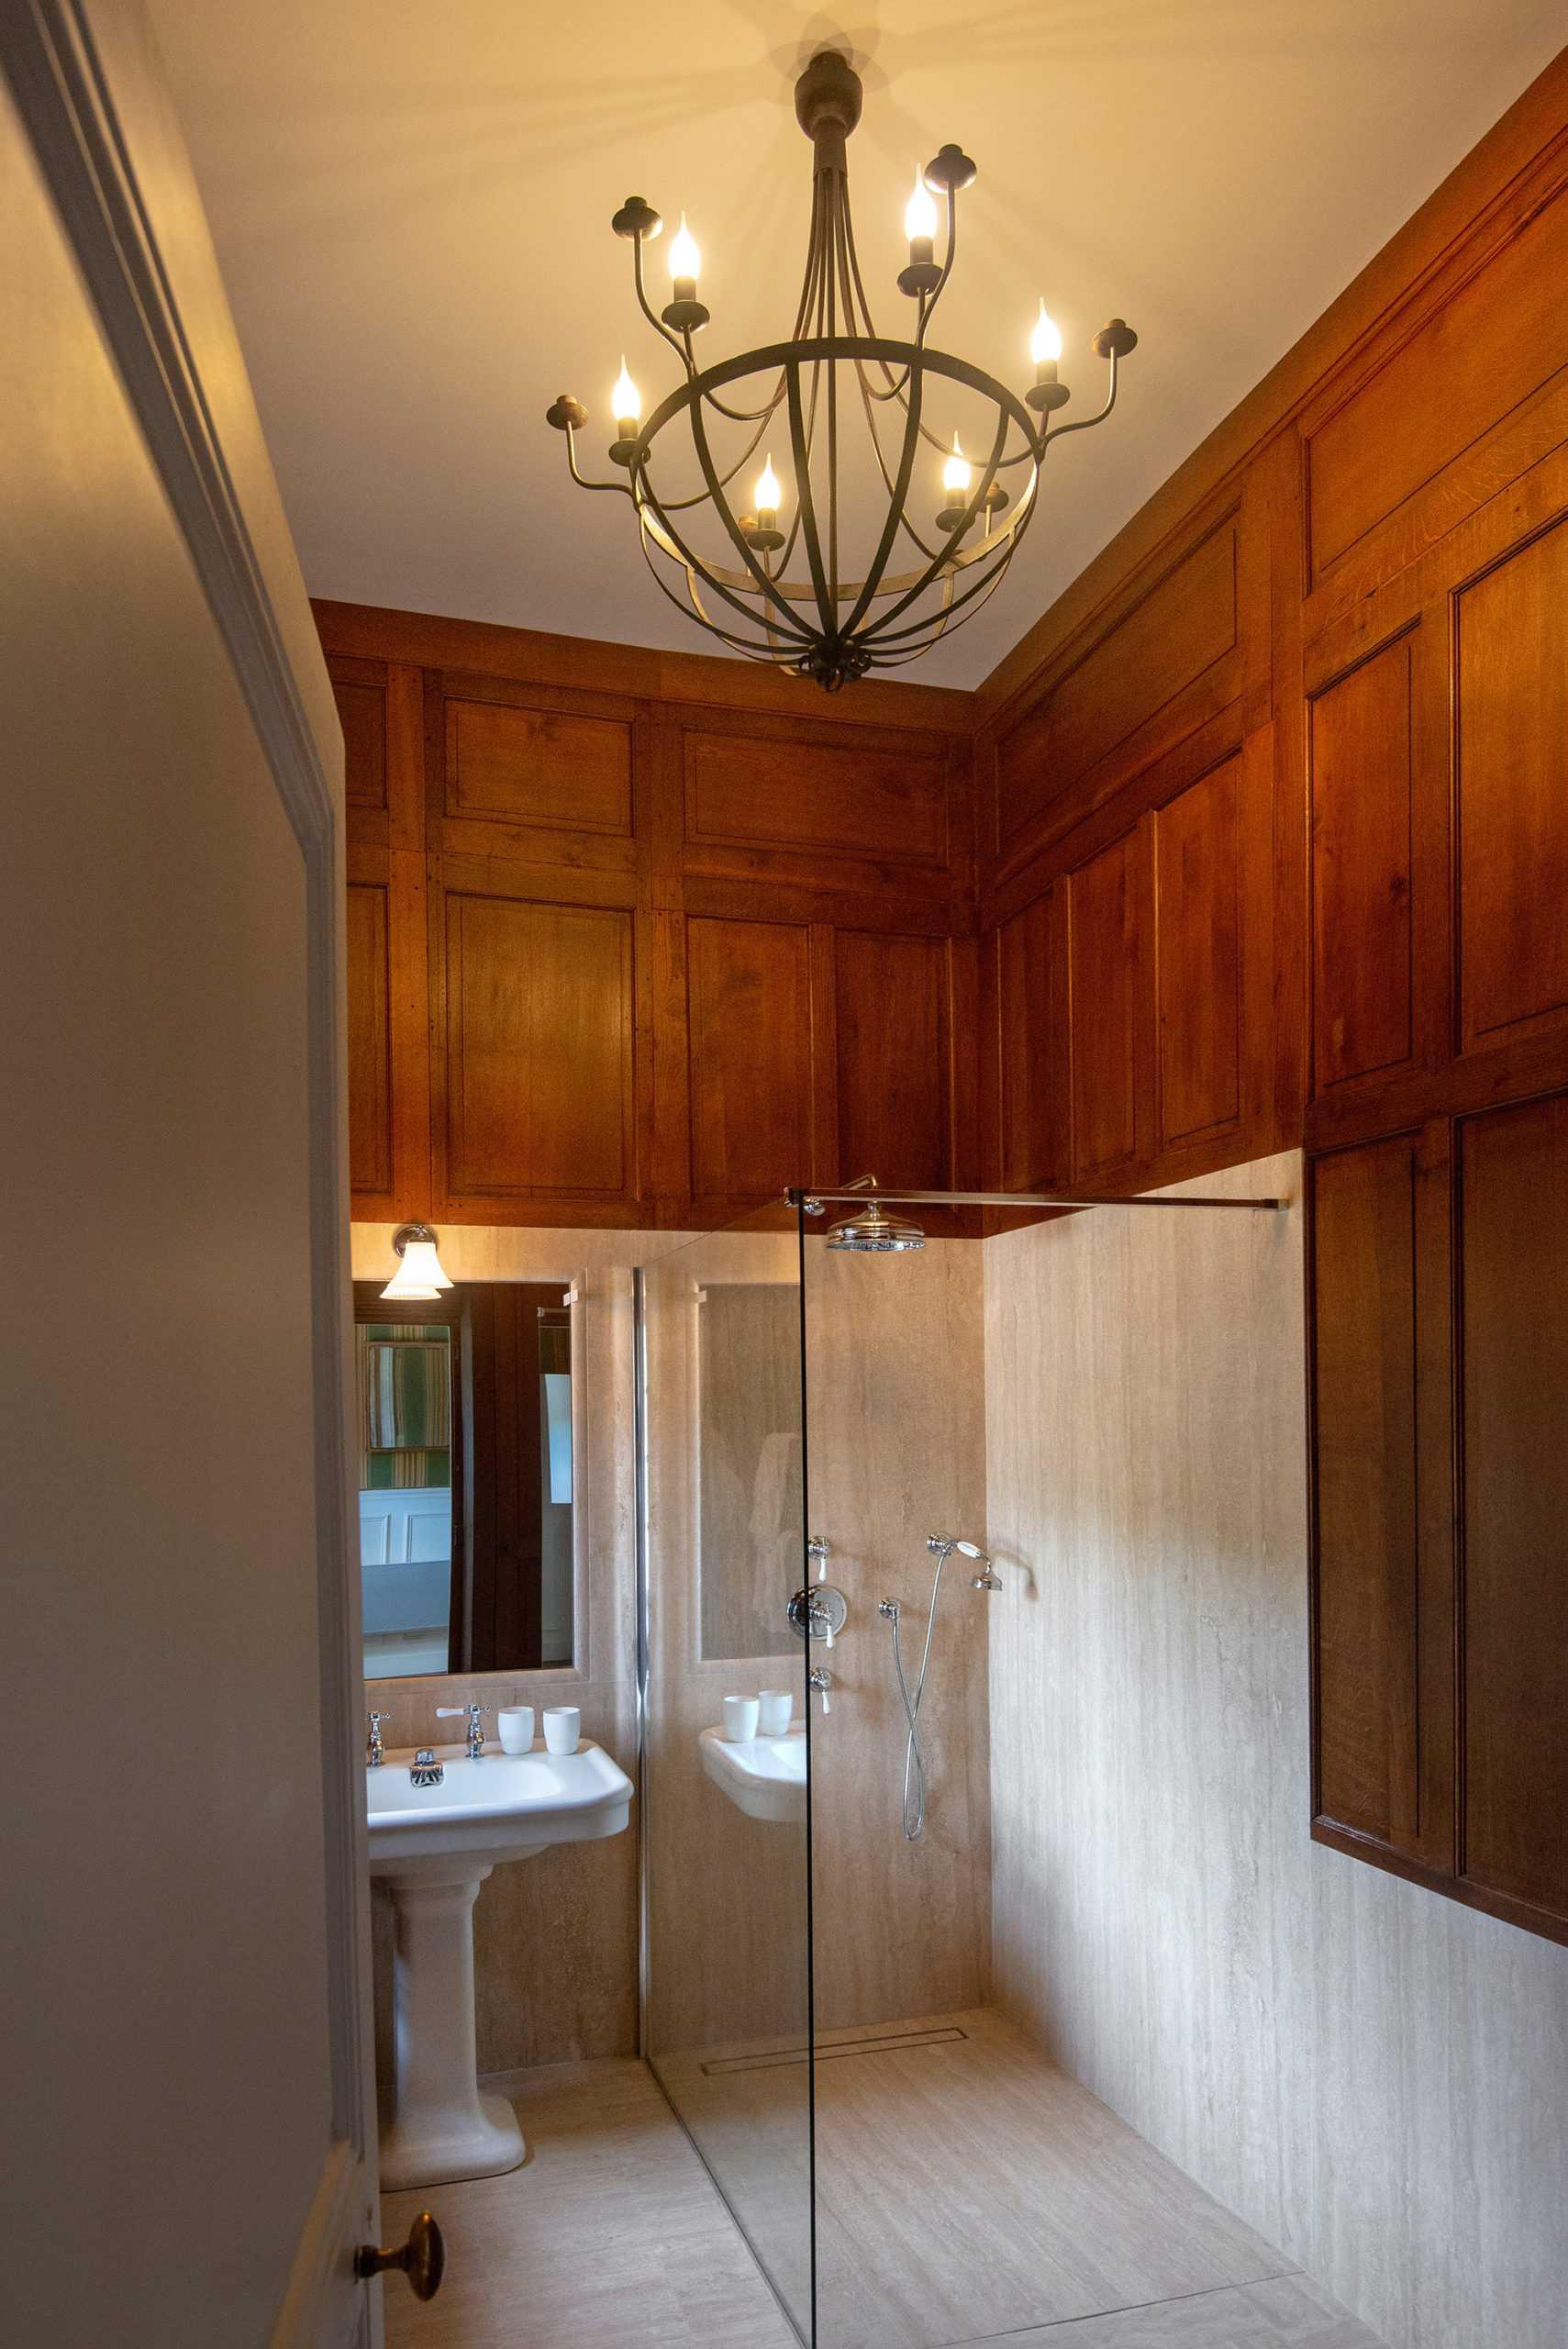 Maison du pavillon salle de bain bourron